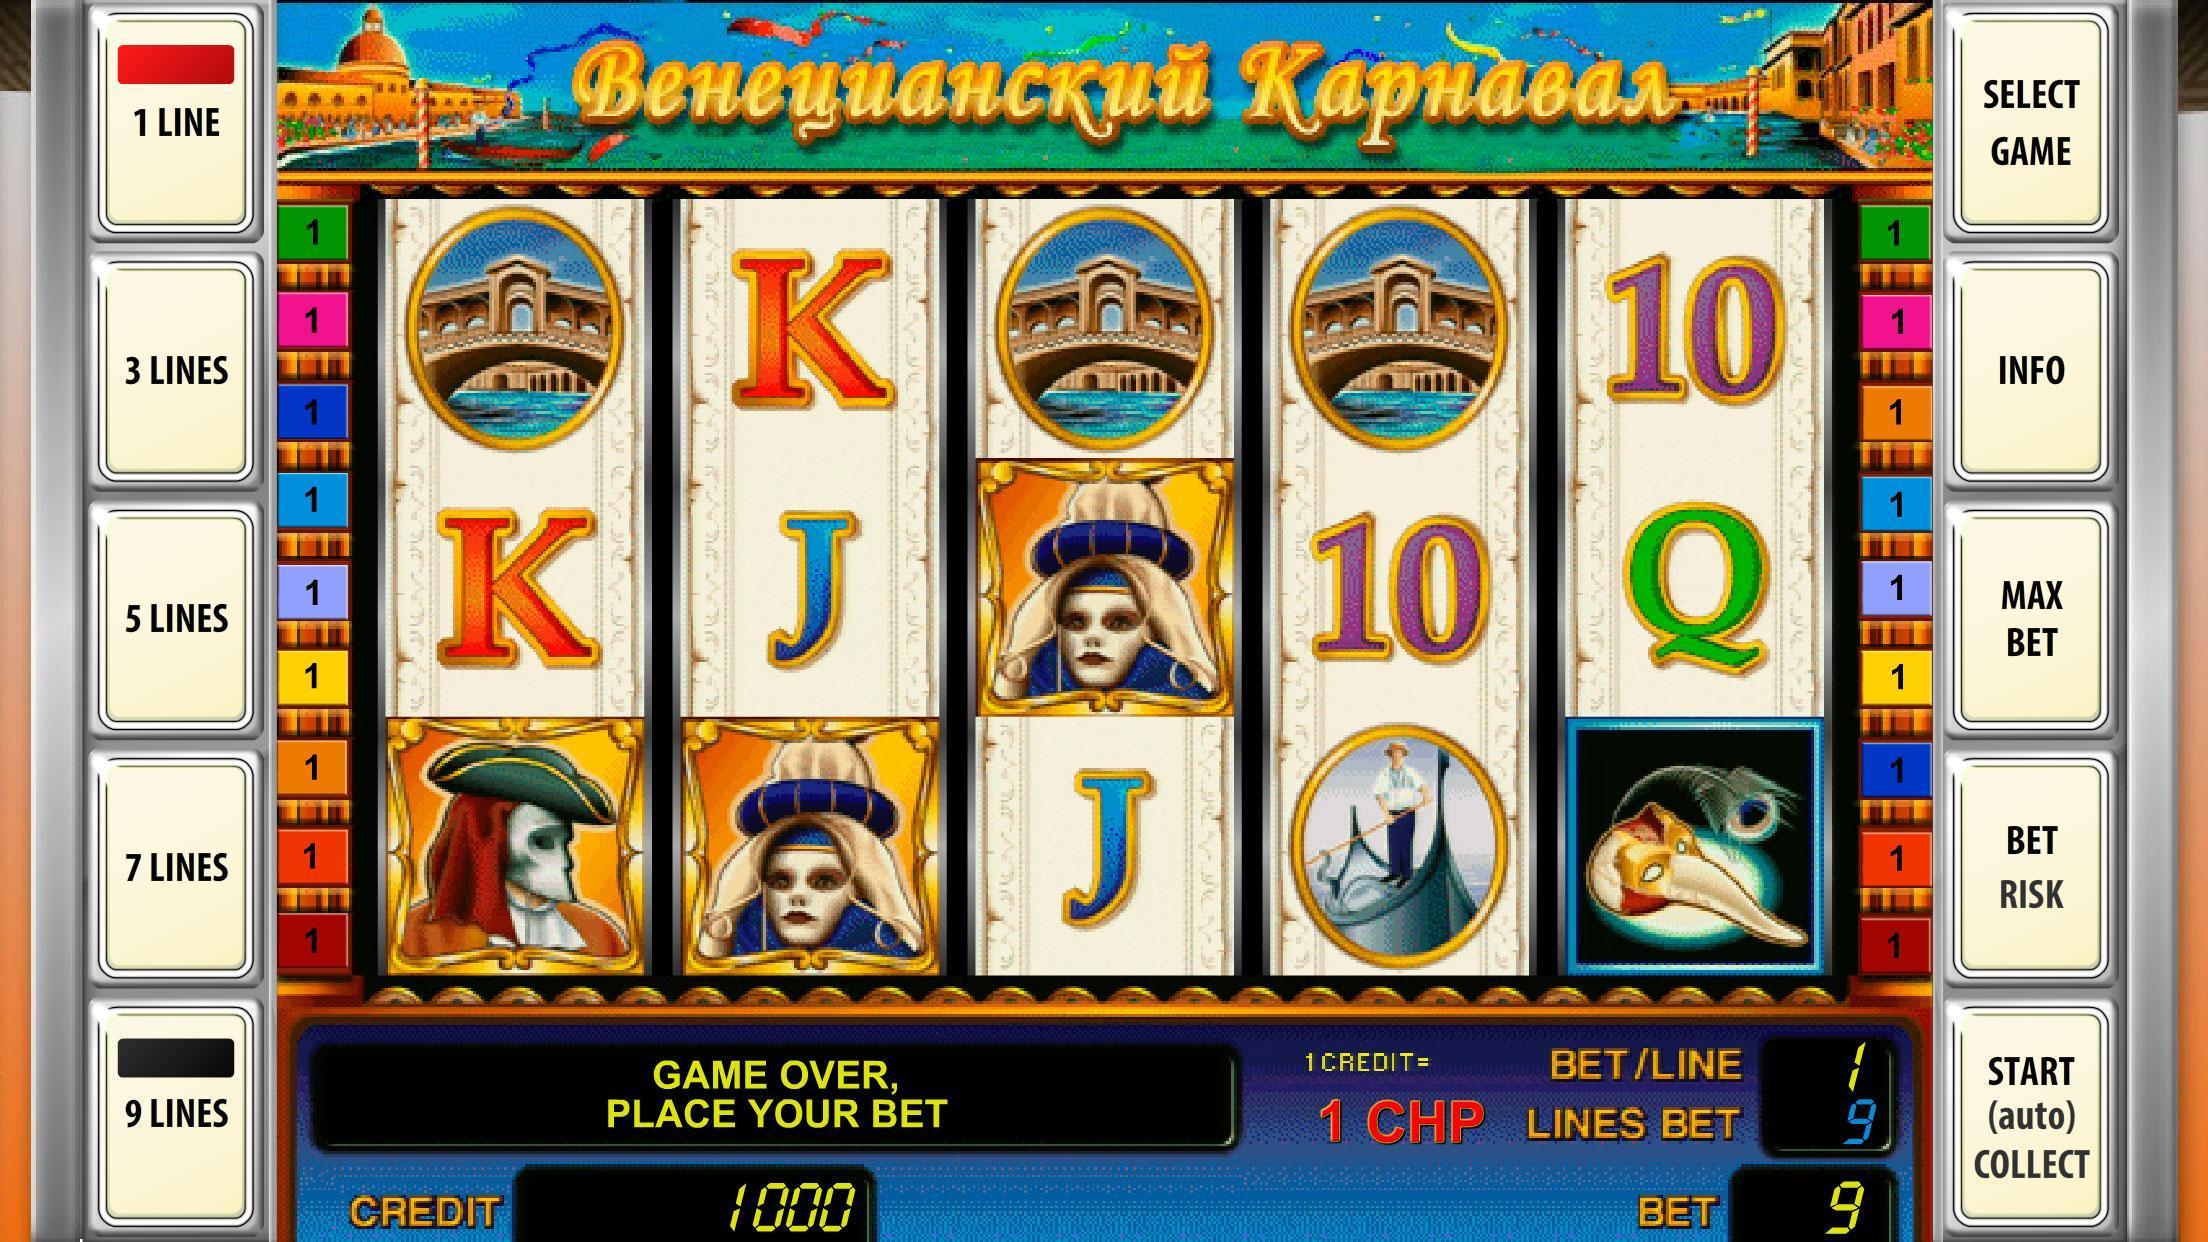 Джой казино 4 party online casino